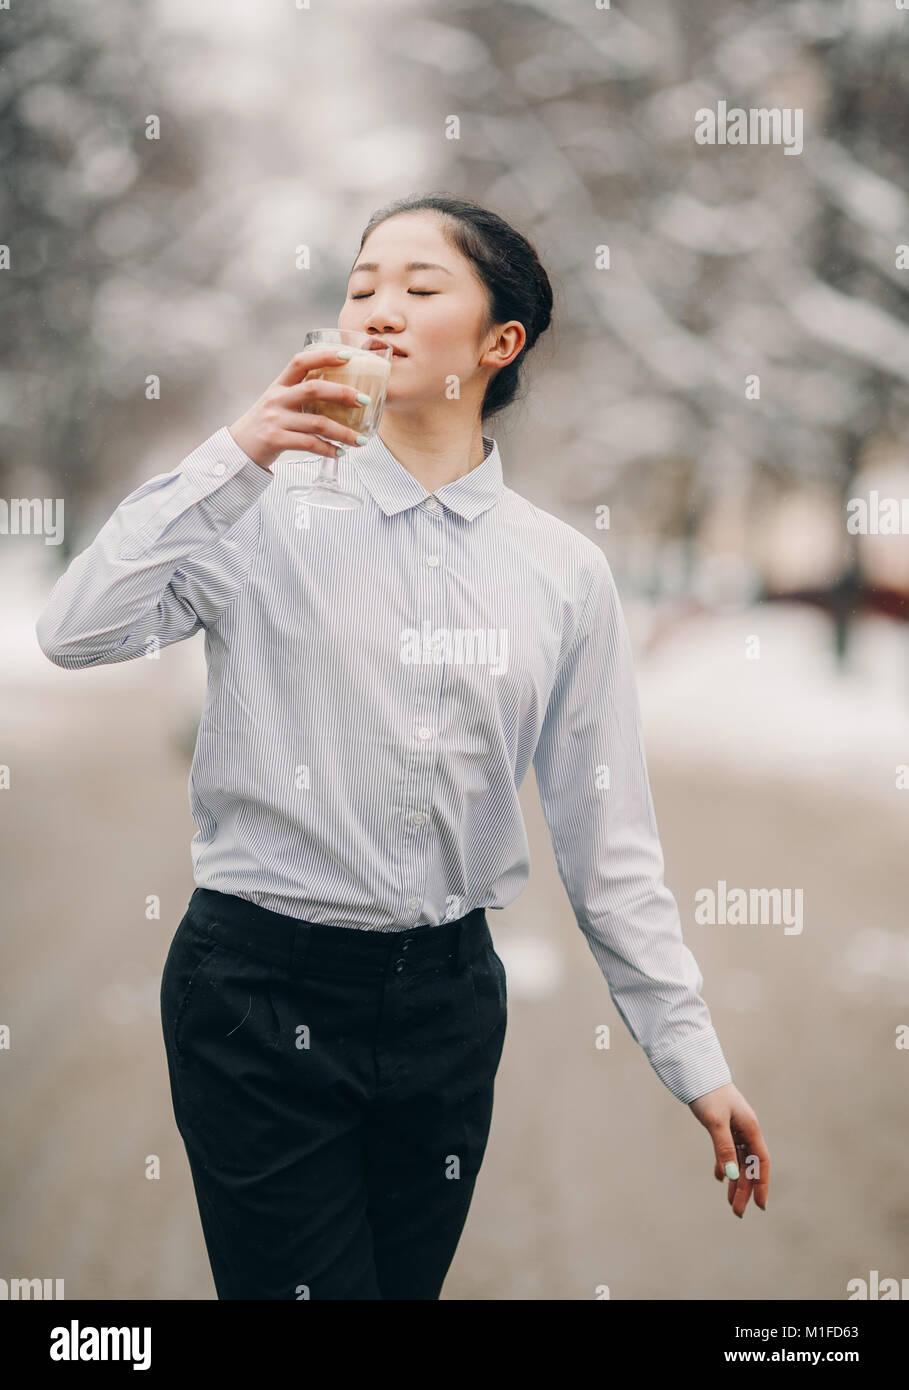 00e0c56b75 Giovane donna giapponese vestita in pantaloni neri e camicia bianca con un  bicchiere di caffè caldo